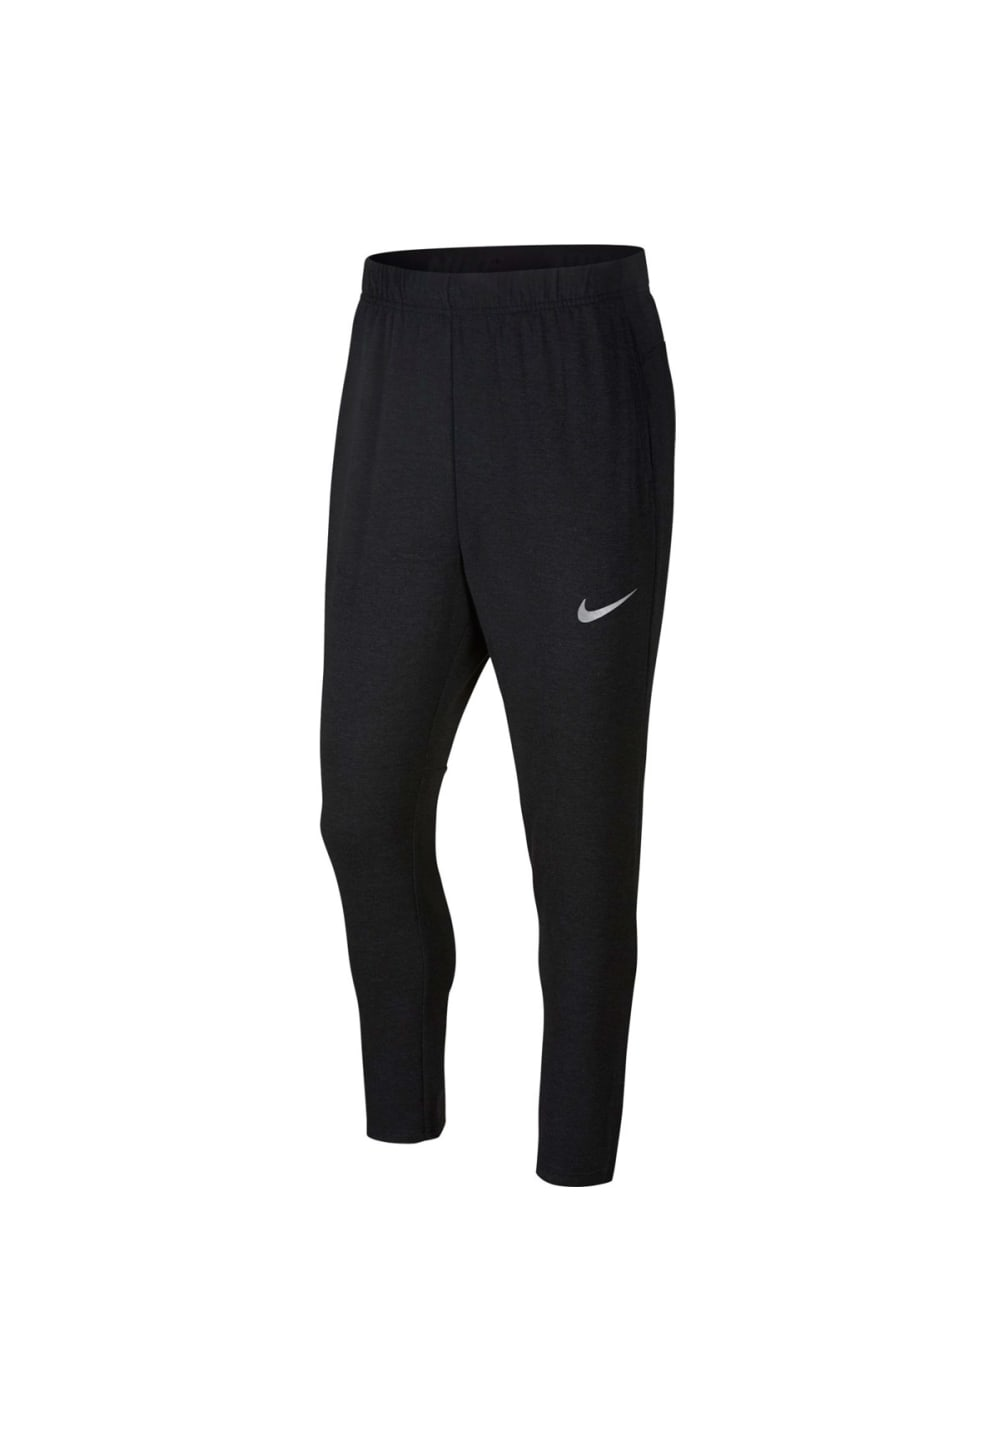 Nike Dry Pant Tpr Hyperdry Lt - Laufhosen für Herren - Schwarz